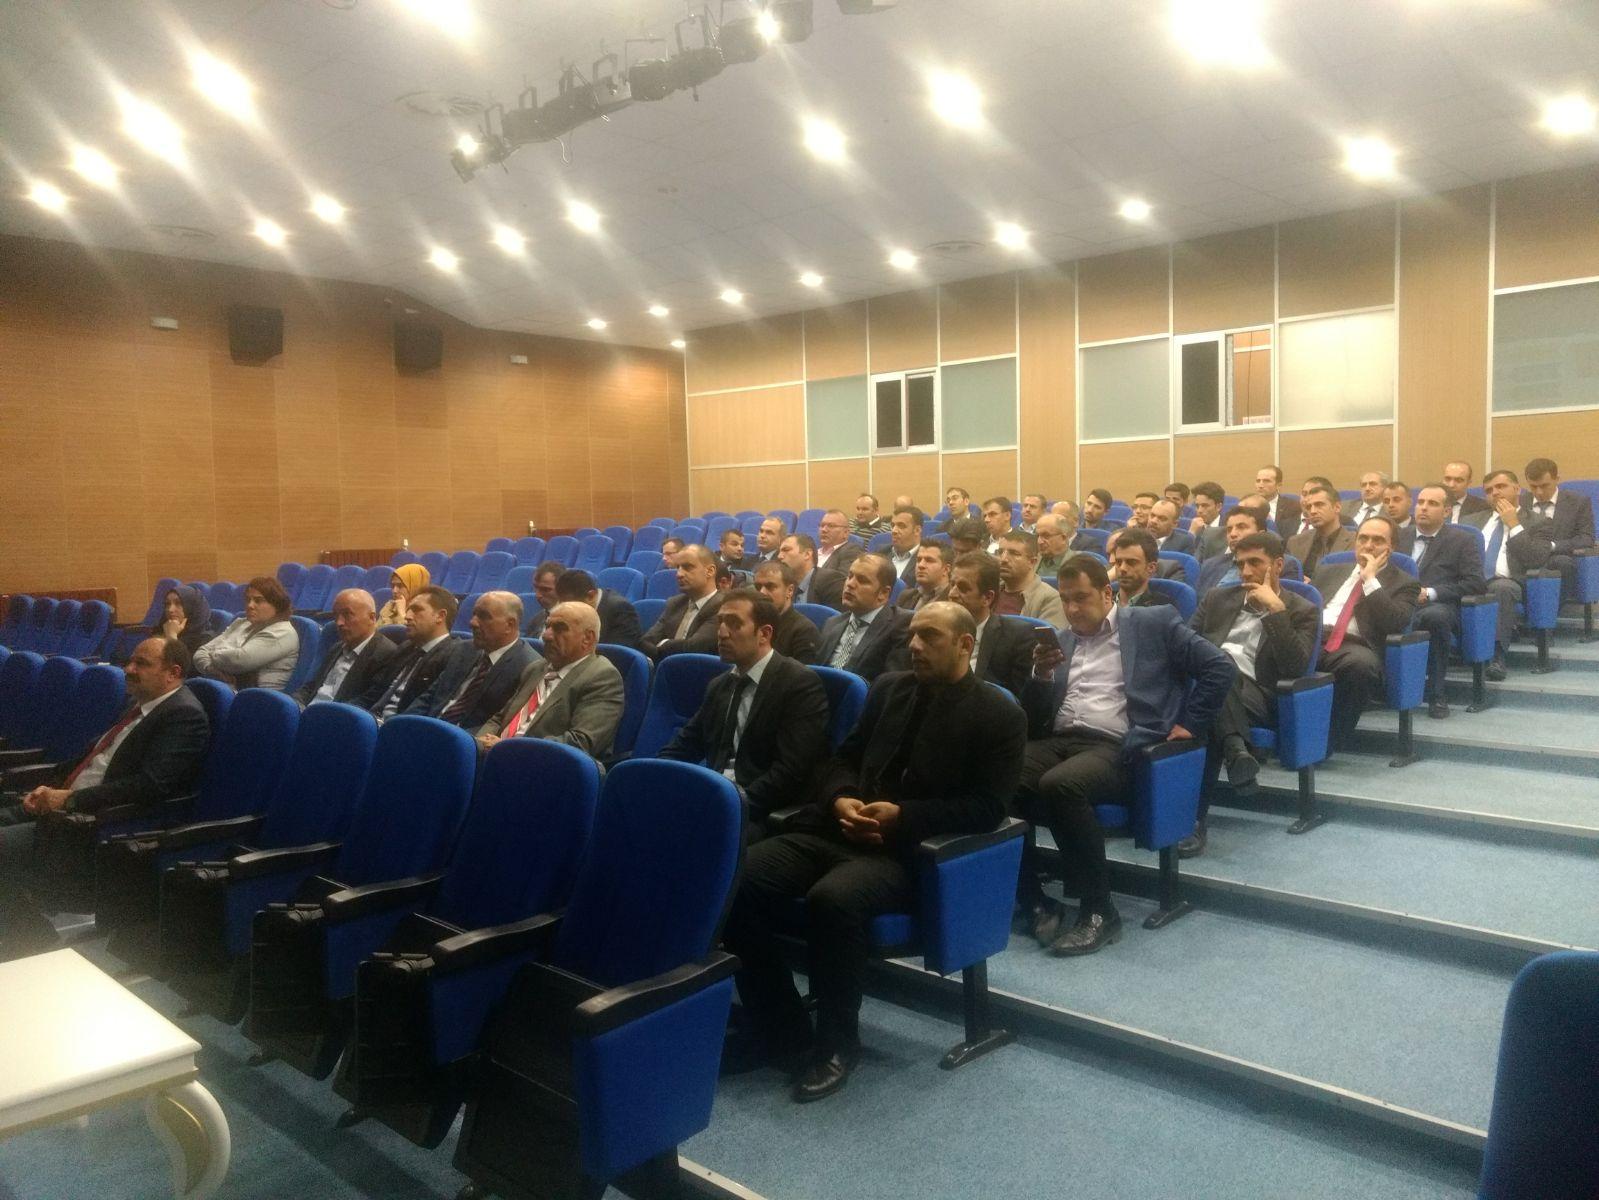 Sıfır Atık Projesi Hakkında İlimizdeki Okul Yöneticilerine Bilgilendirme Toplantısı Yapıldı